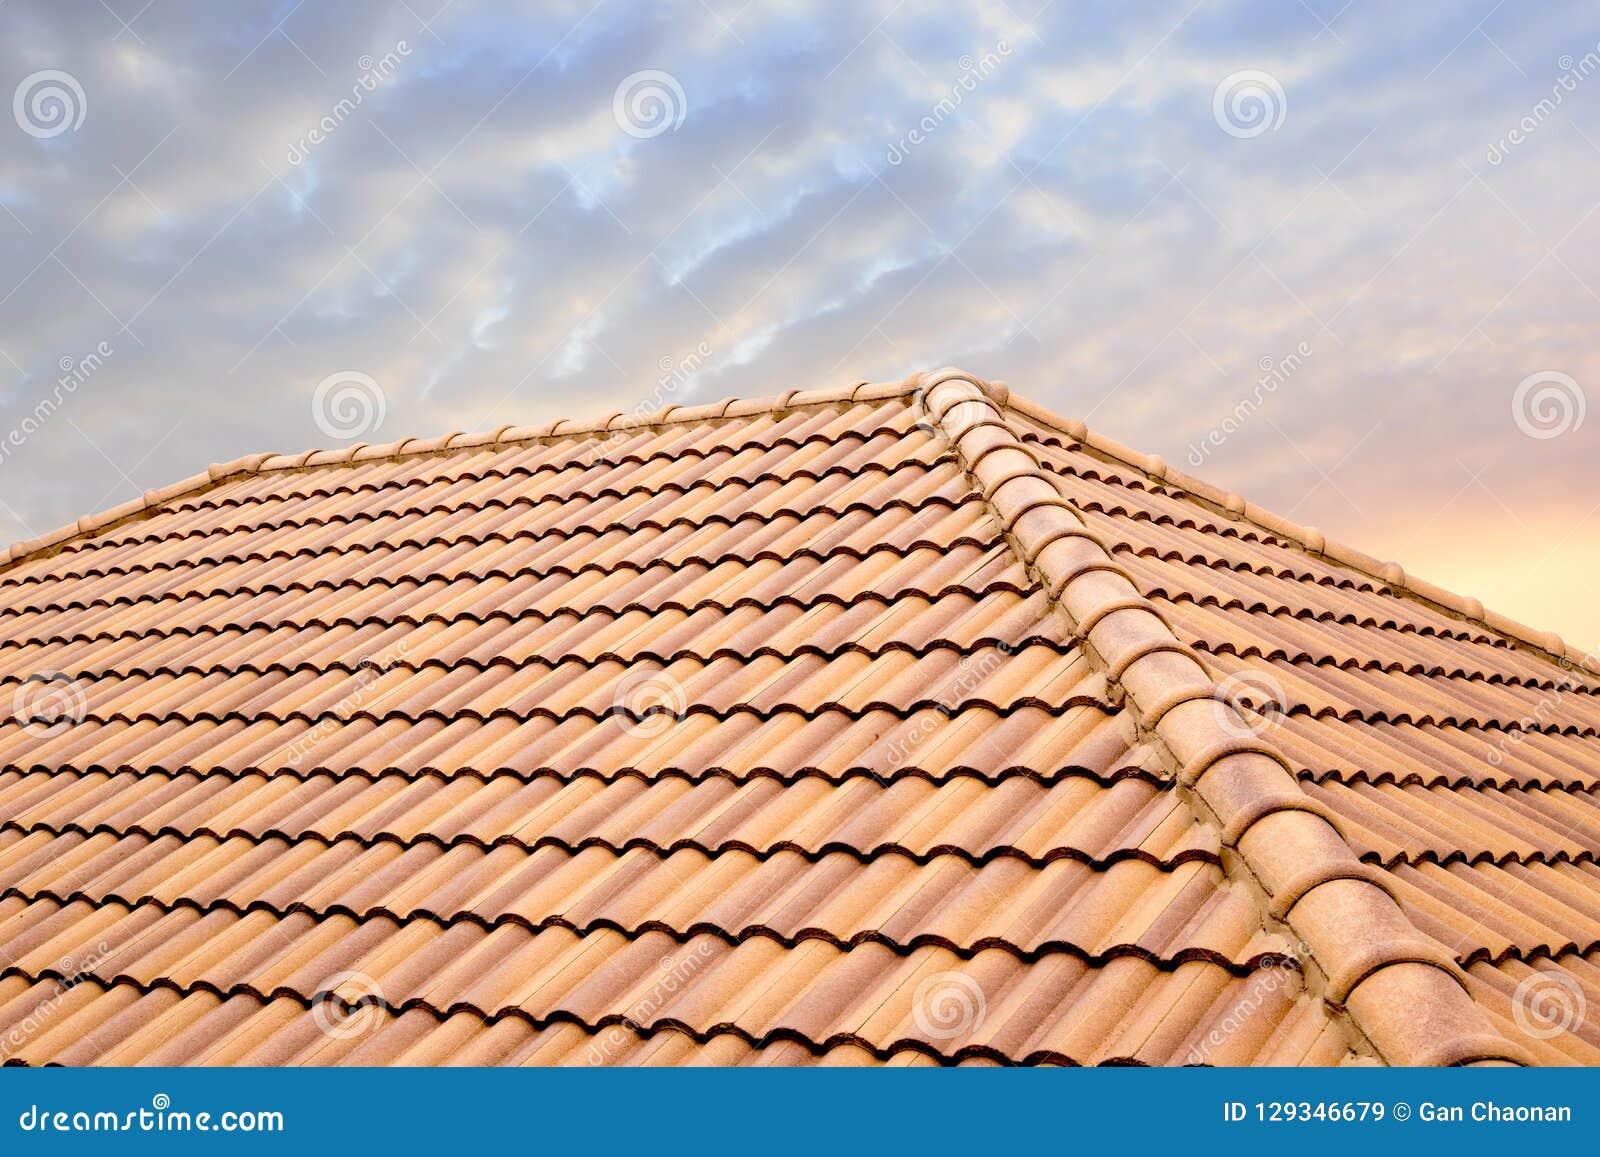 瓦和天空阳光 安装议院屋顶的屋顶承包商概念